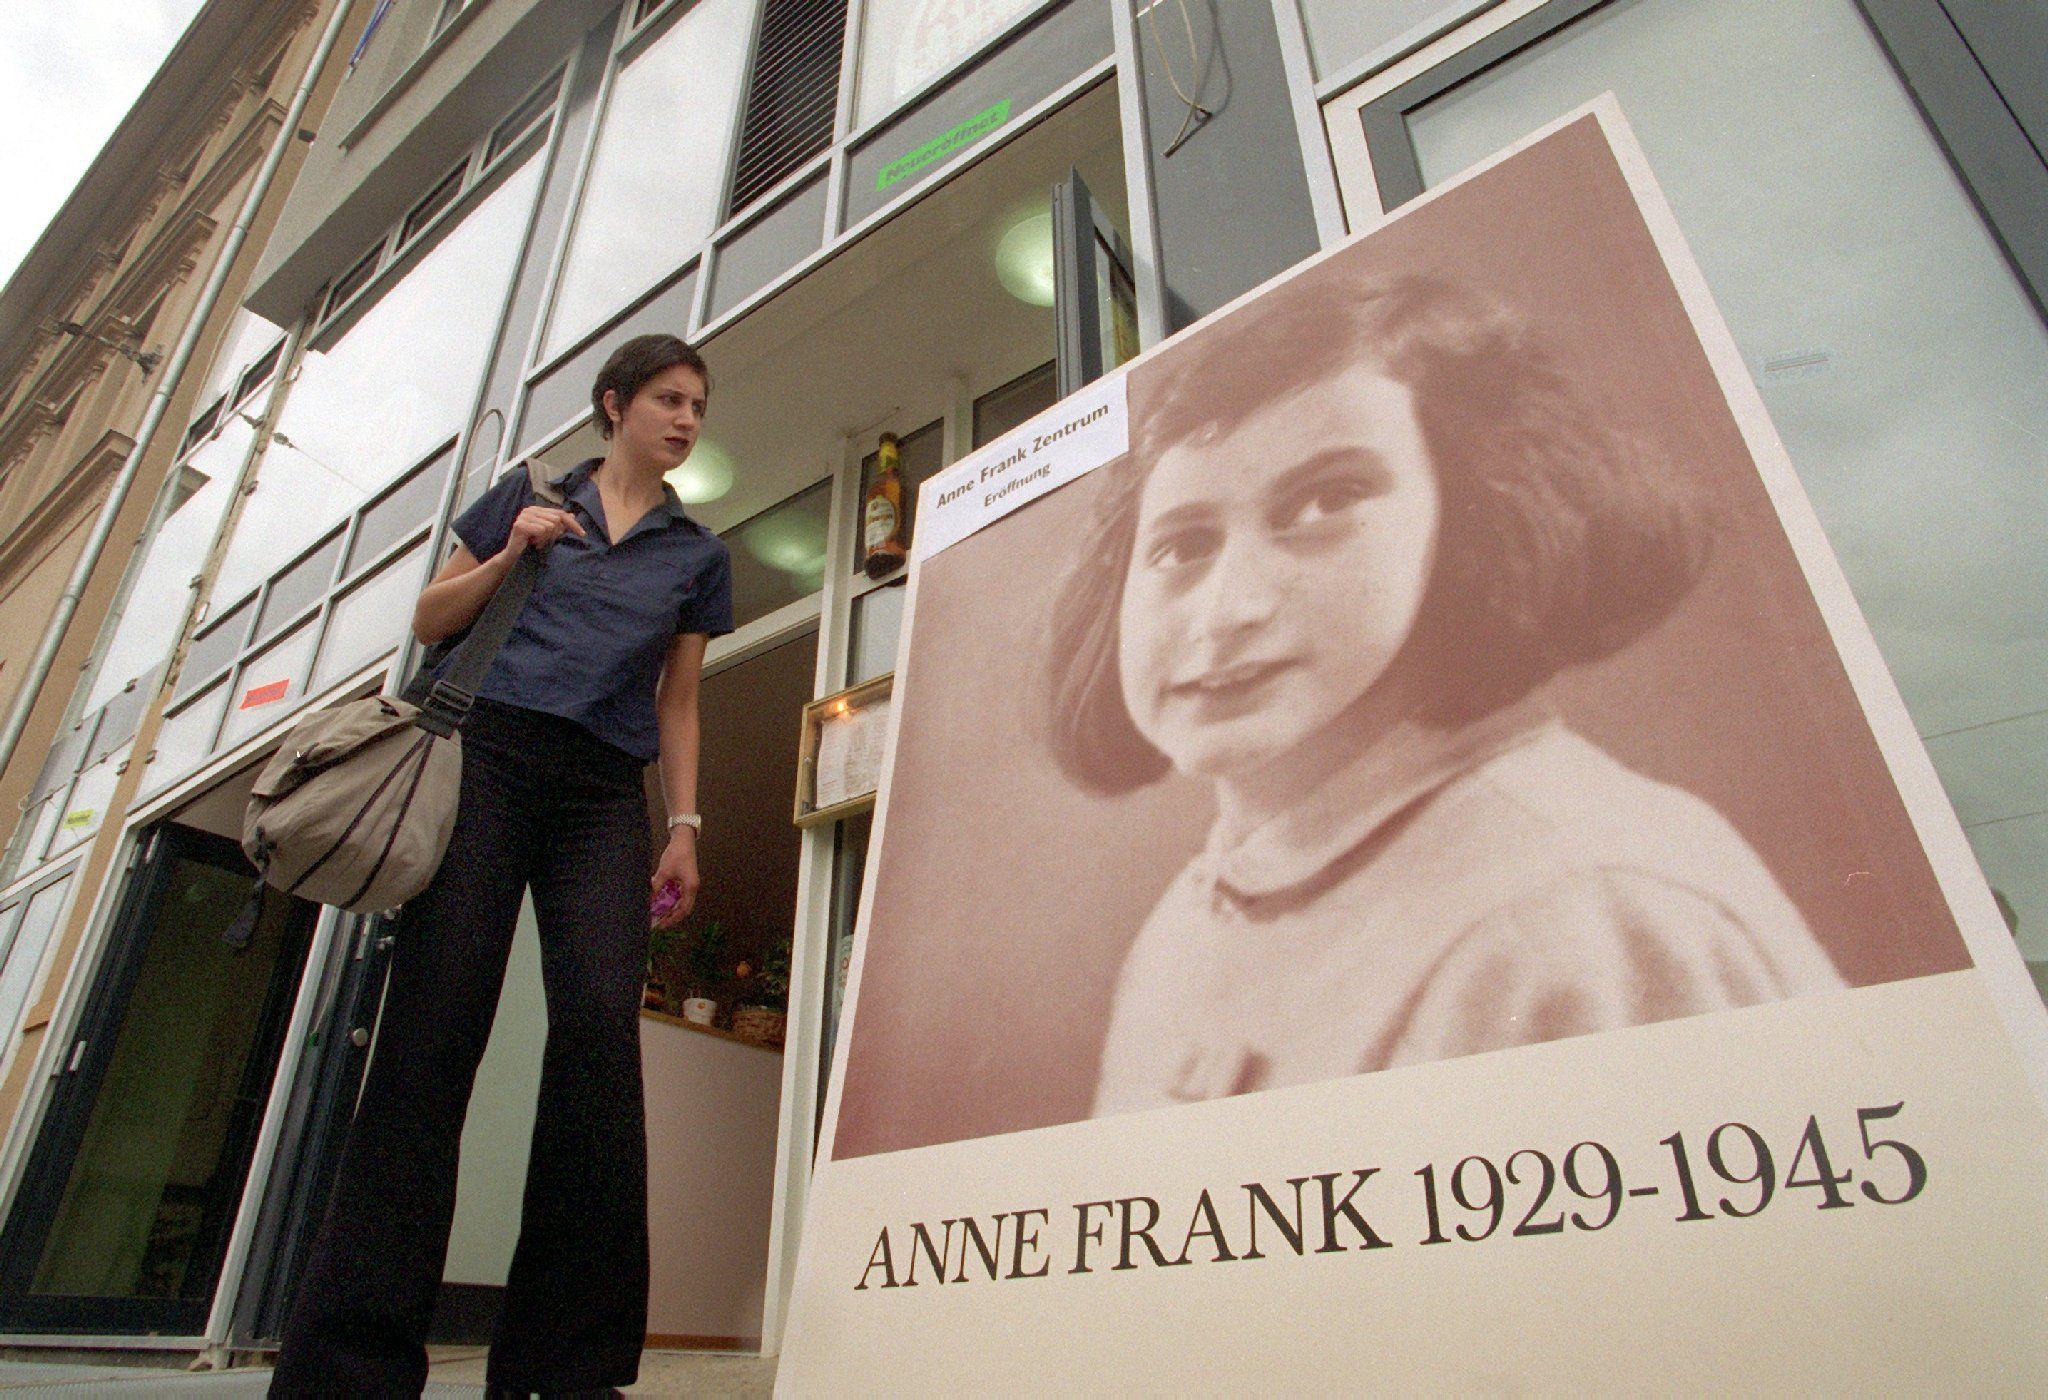 Anna Frank, svelate due pagine inedite del suo diario